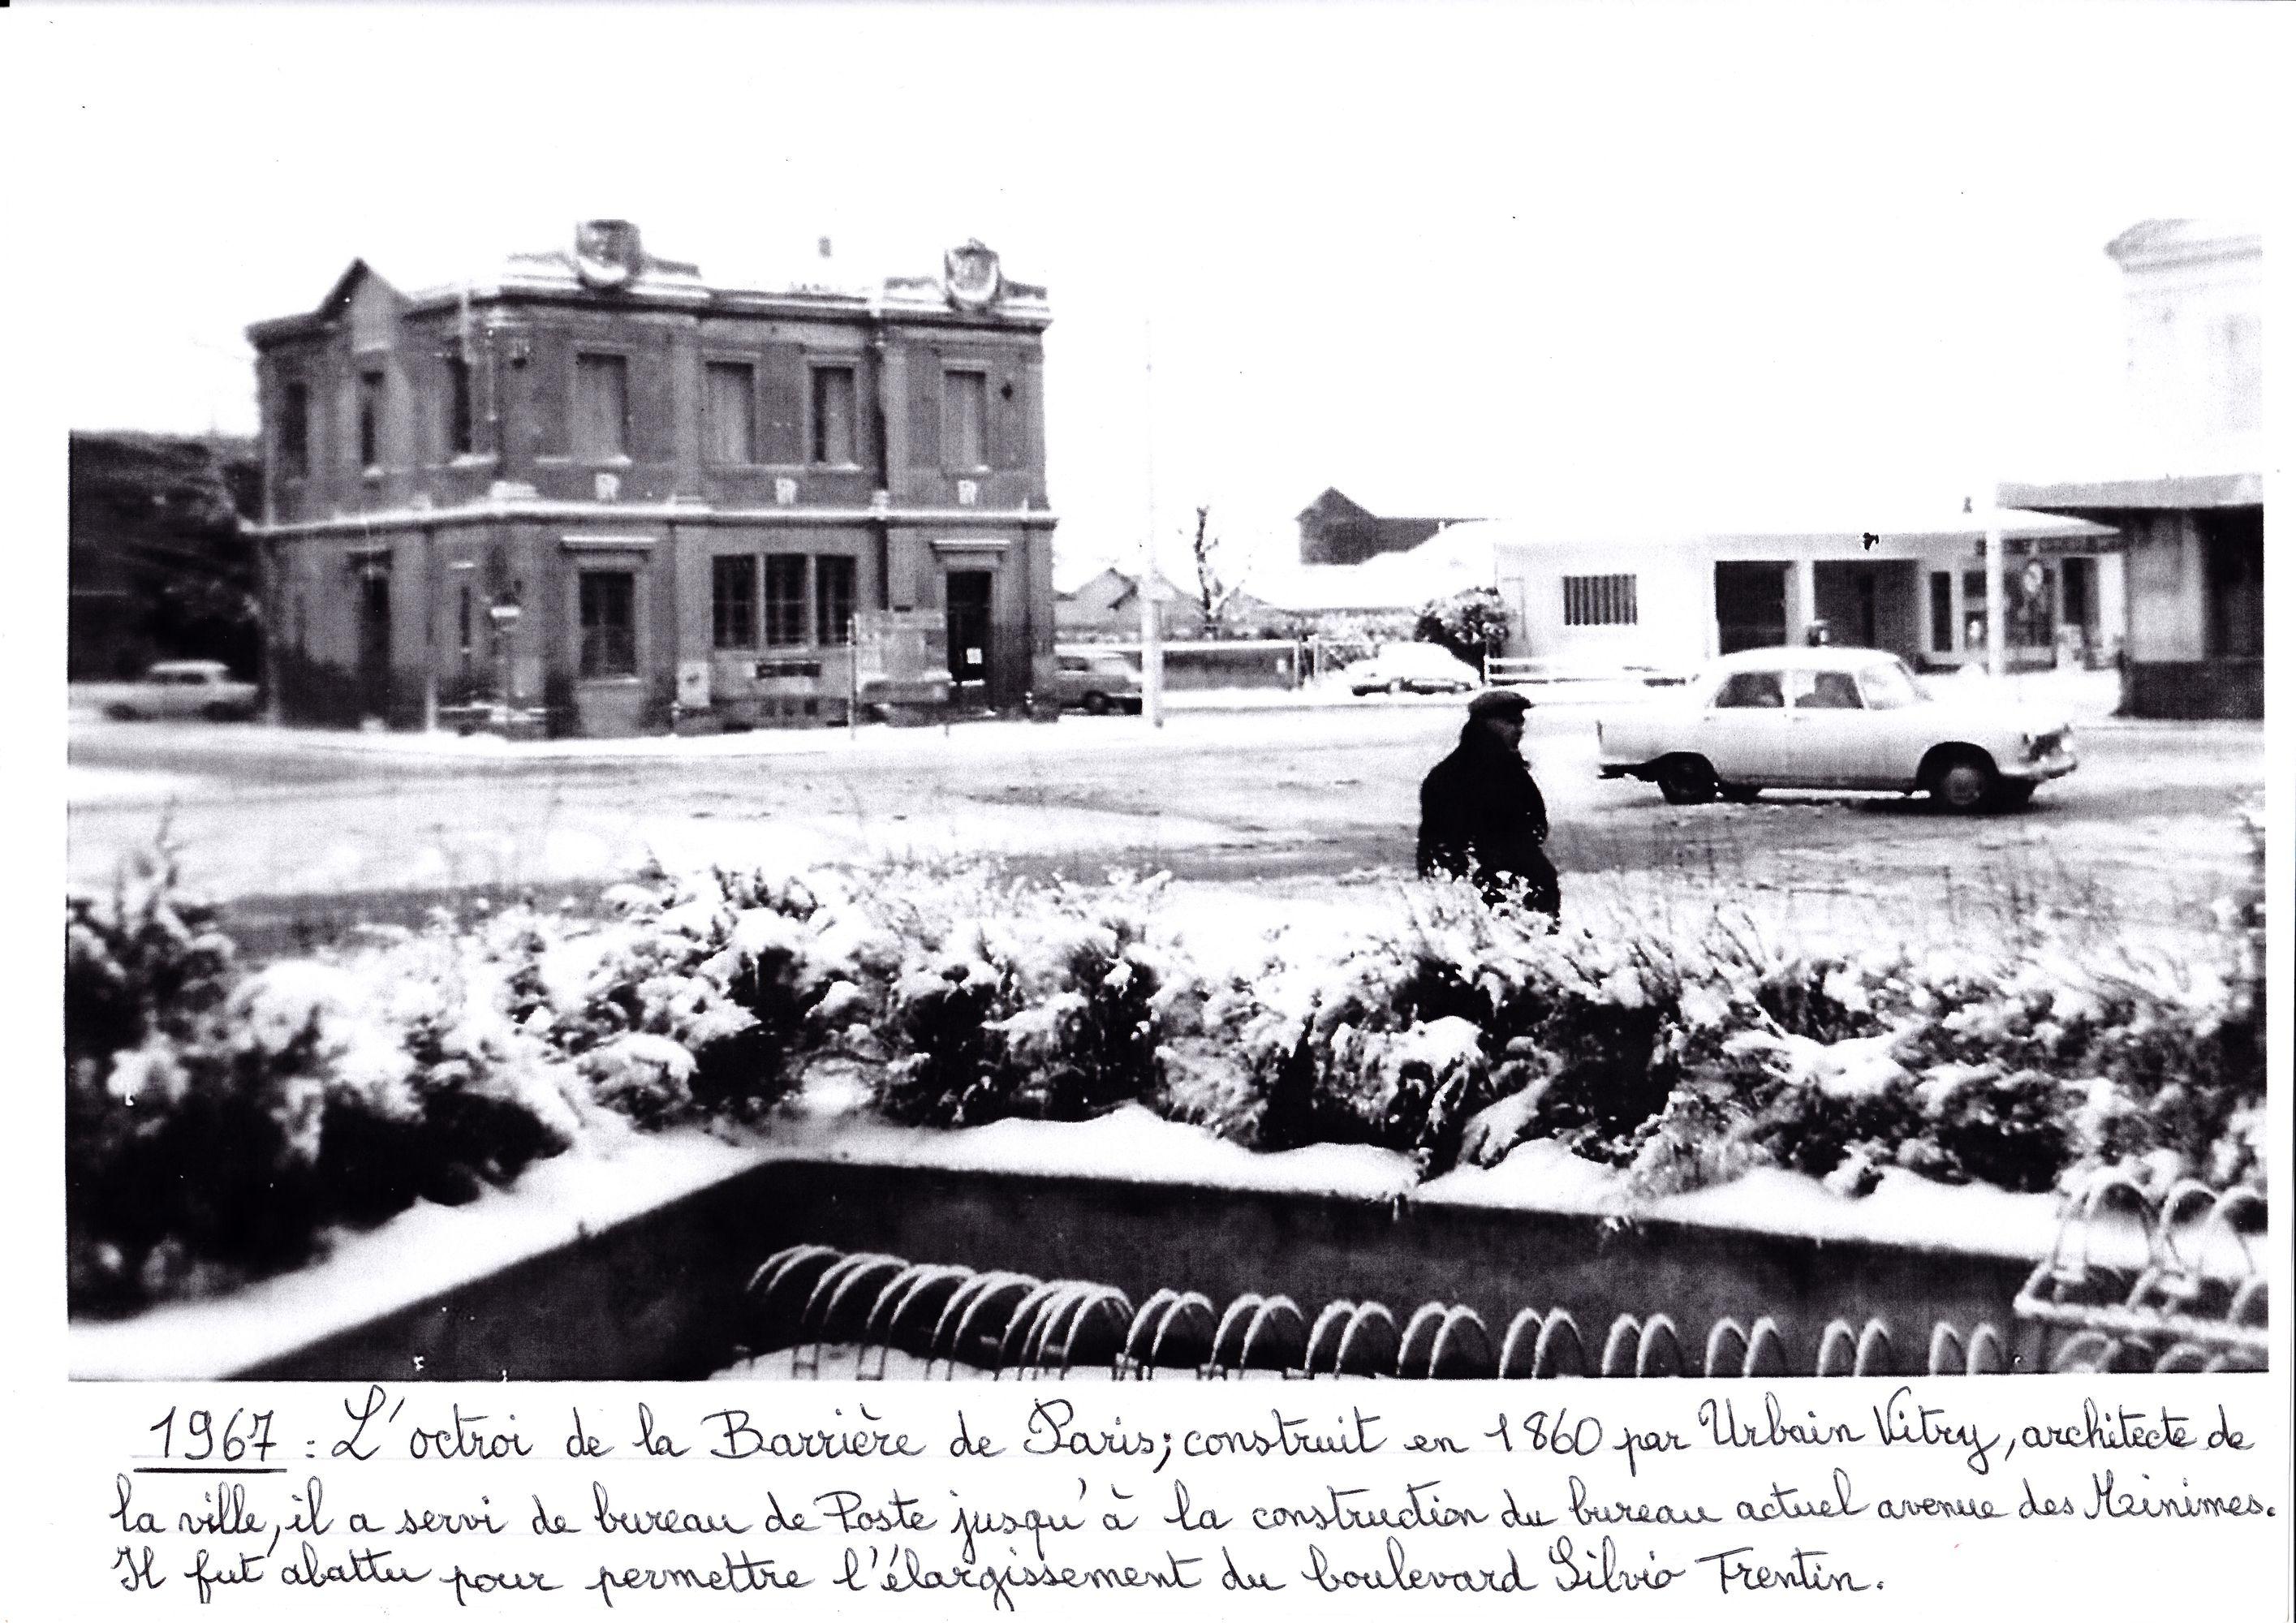 l'Octroi de la Barrière de Paris 1967_R2